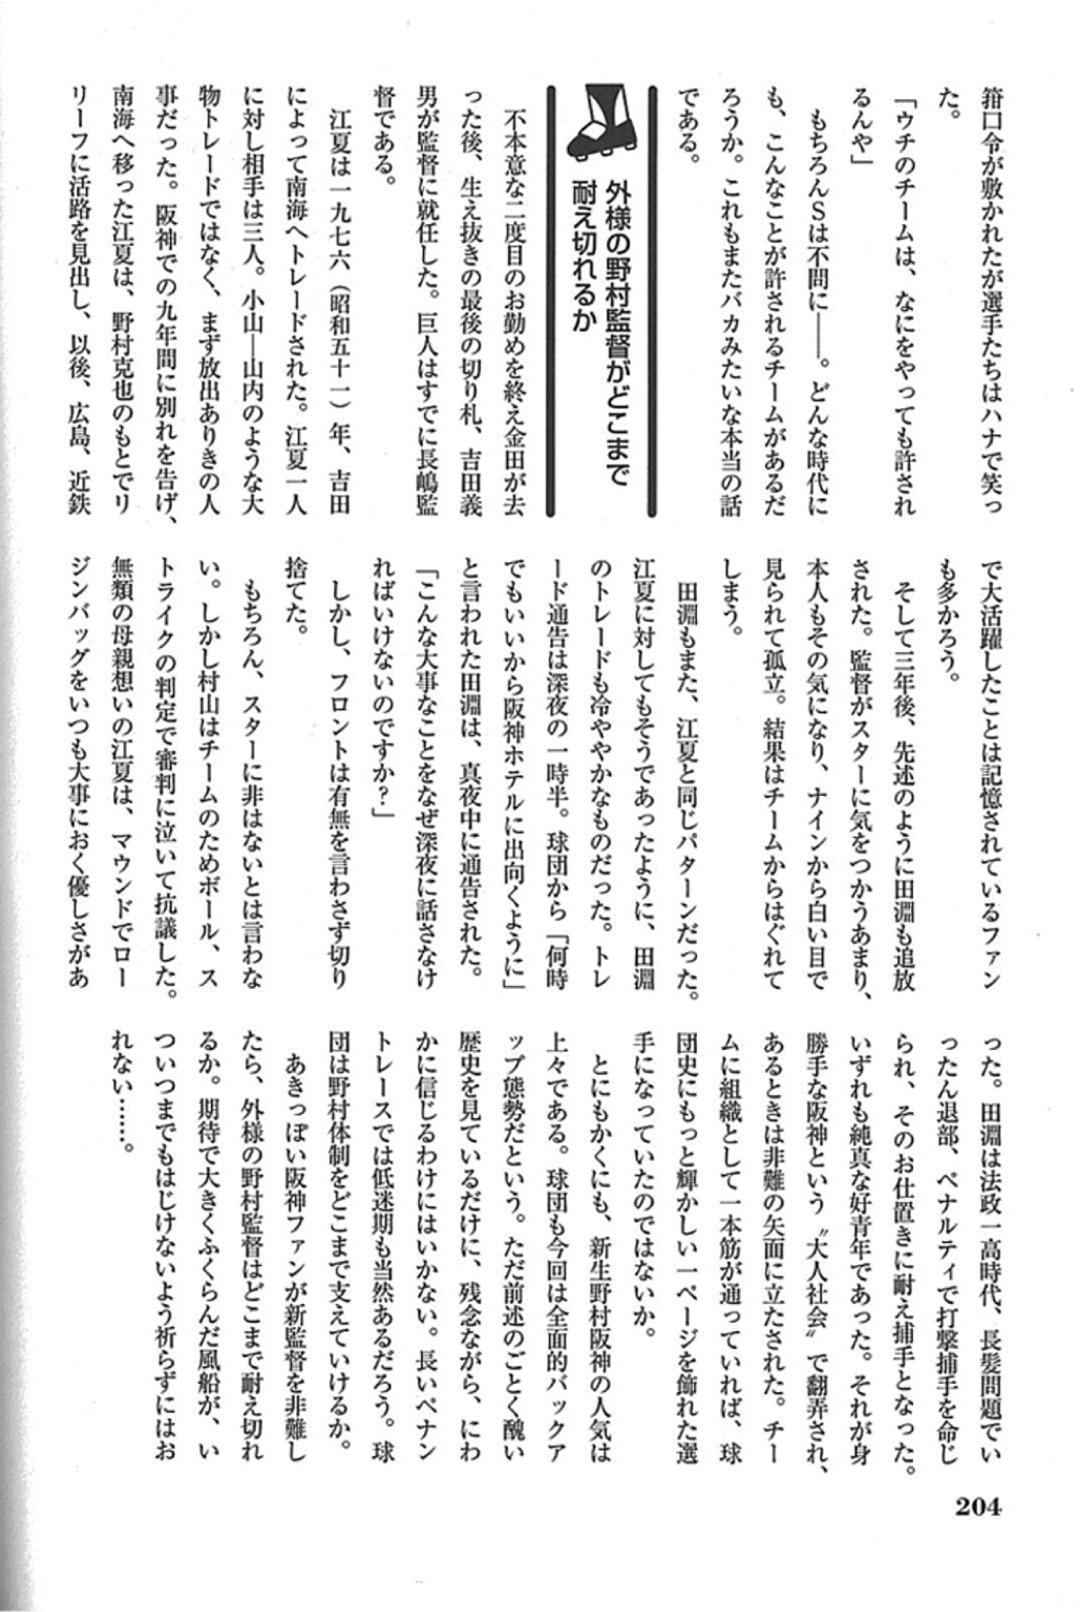 201311162117360d0.jpg